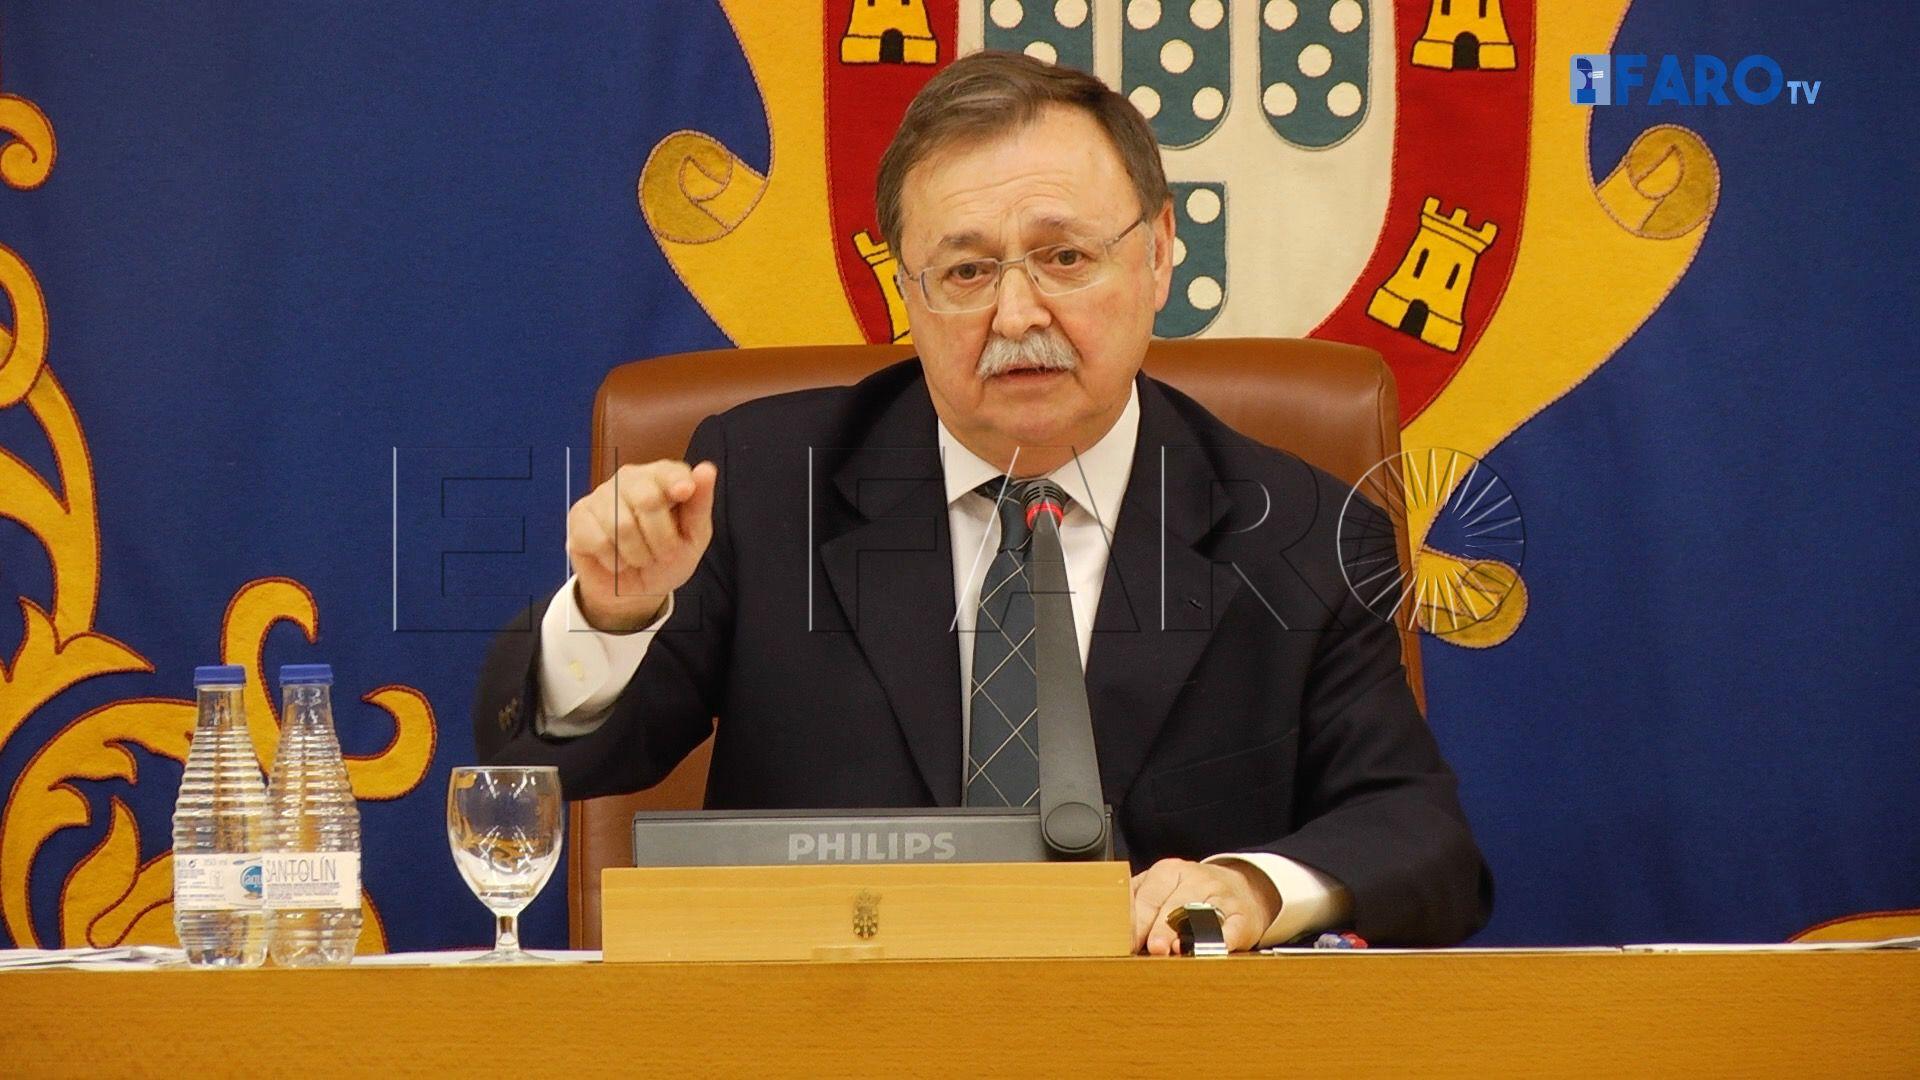 Vivas no va a cesar a los dos consejeros que no son diputados de la Asamblea